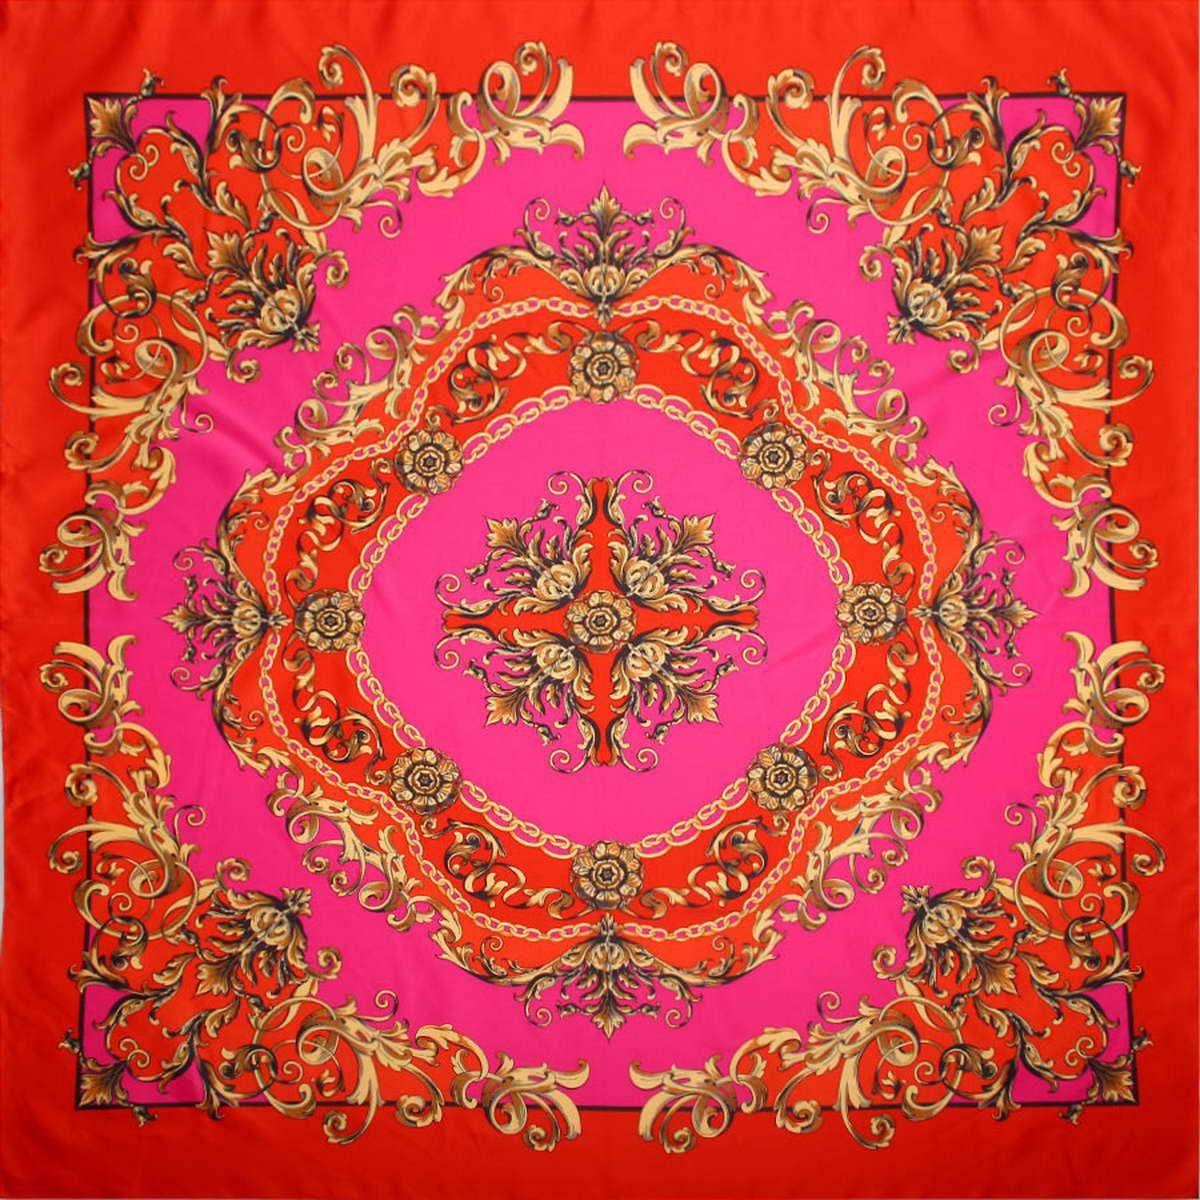 3904472-1Стильный женский платок Venera изготовлен из качественного и легкого полиэстера, будет самым универсальным вариантом для повседневного аксессуара. Великолепный насыщенный цвет и оригинальный принт, напоминающий узор аристократичного стиля, будут придавать любому вашему наряду изысканности, подчеркивать женственность и стильность. Классическая квадратная форма позволяет носить платок на шее, украшать им прическу или декорировать сумочку. Такой платок превосходно дополнит любой наряд и подчеркнет ваш неповторимый вкус и элегантность.